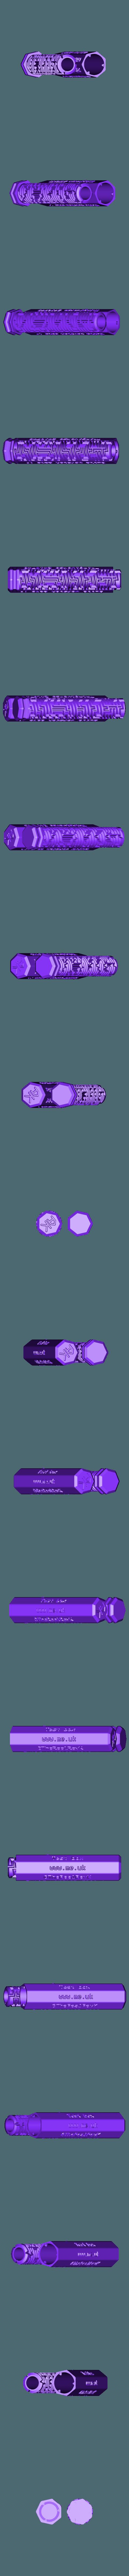 version.stl Télécharger fichier STL gratuit Lottery ticket gift box • Plan imprimable en 3D, RevK